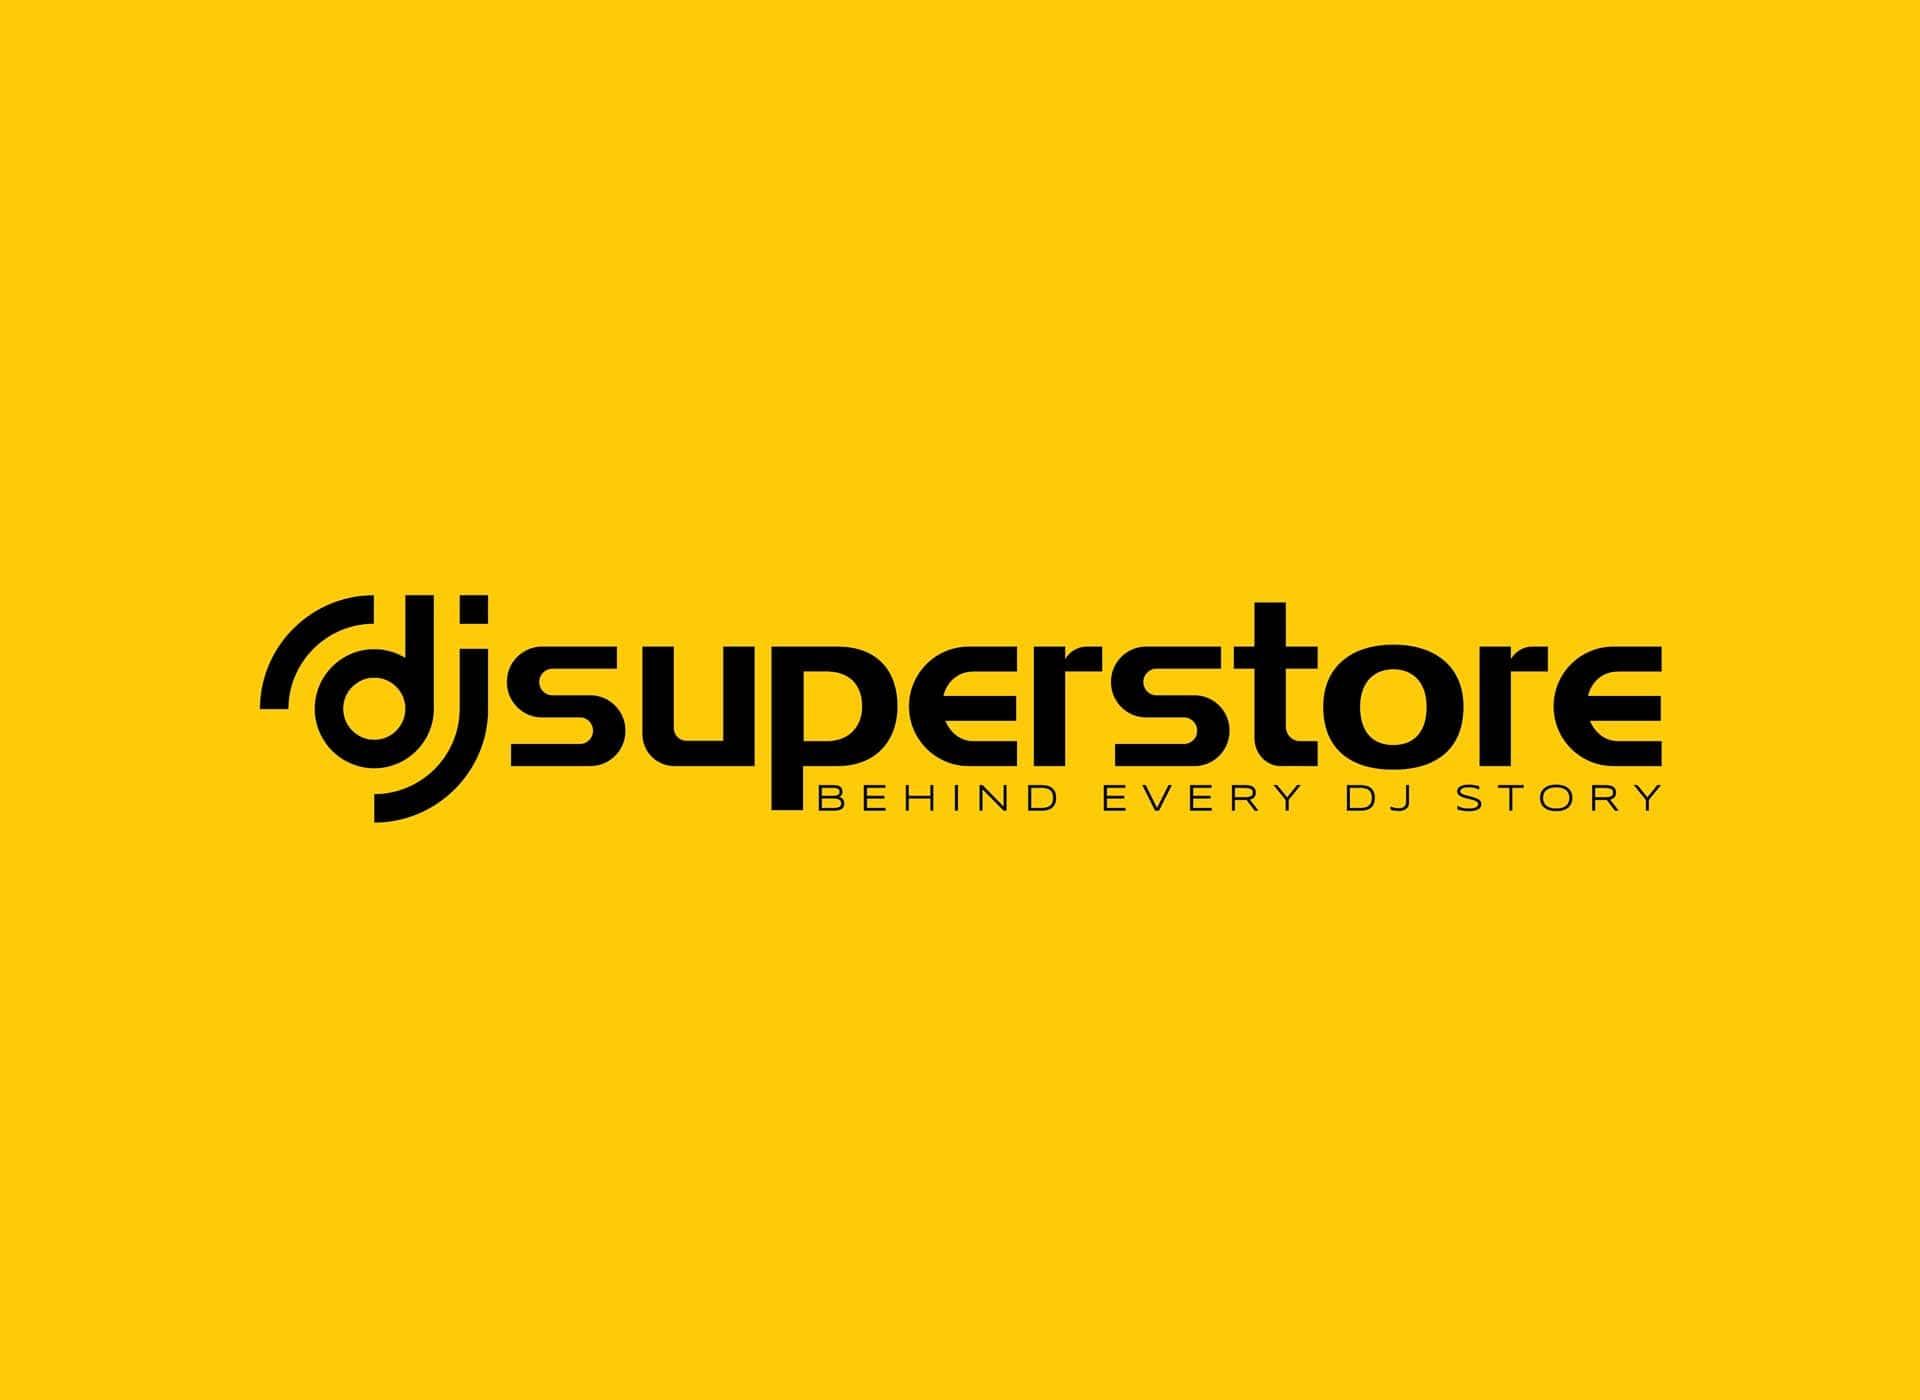 DJSUPERSTORE